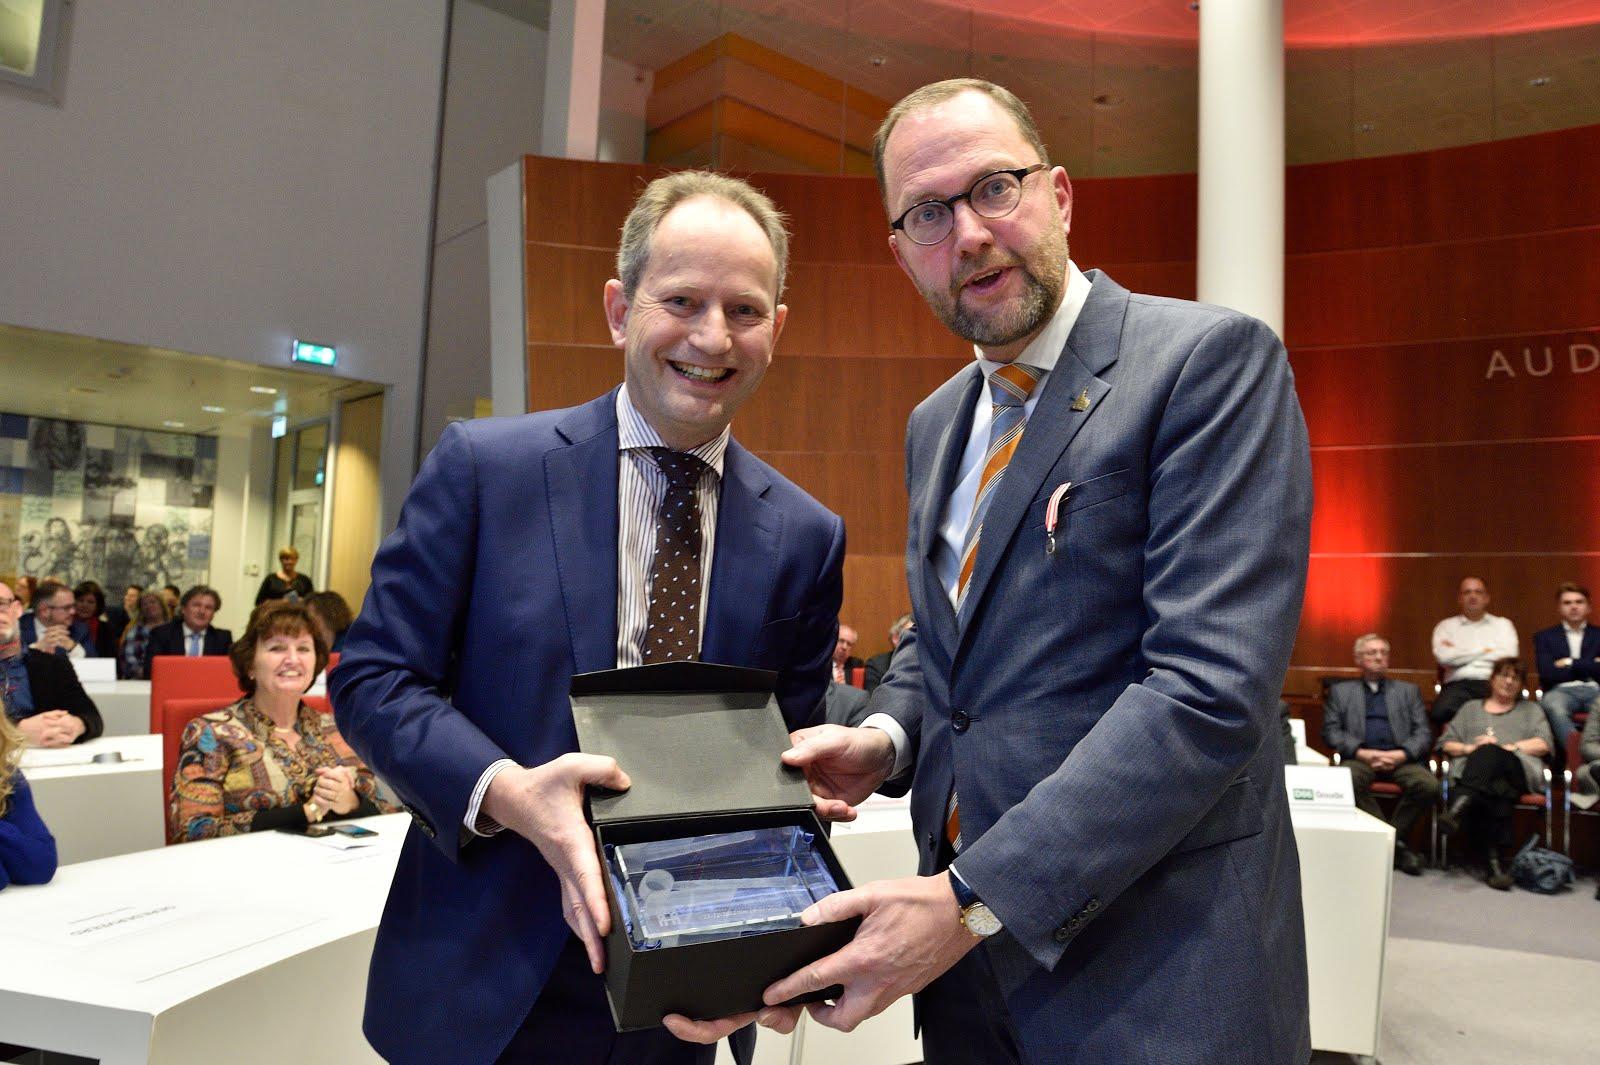 Afscheid van burgemeester Schoenmaker